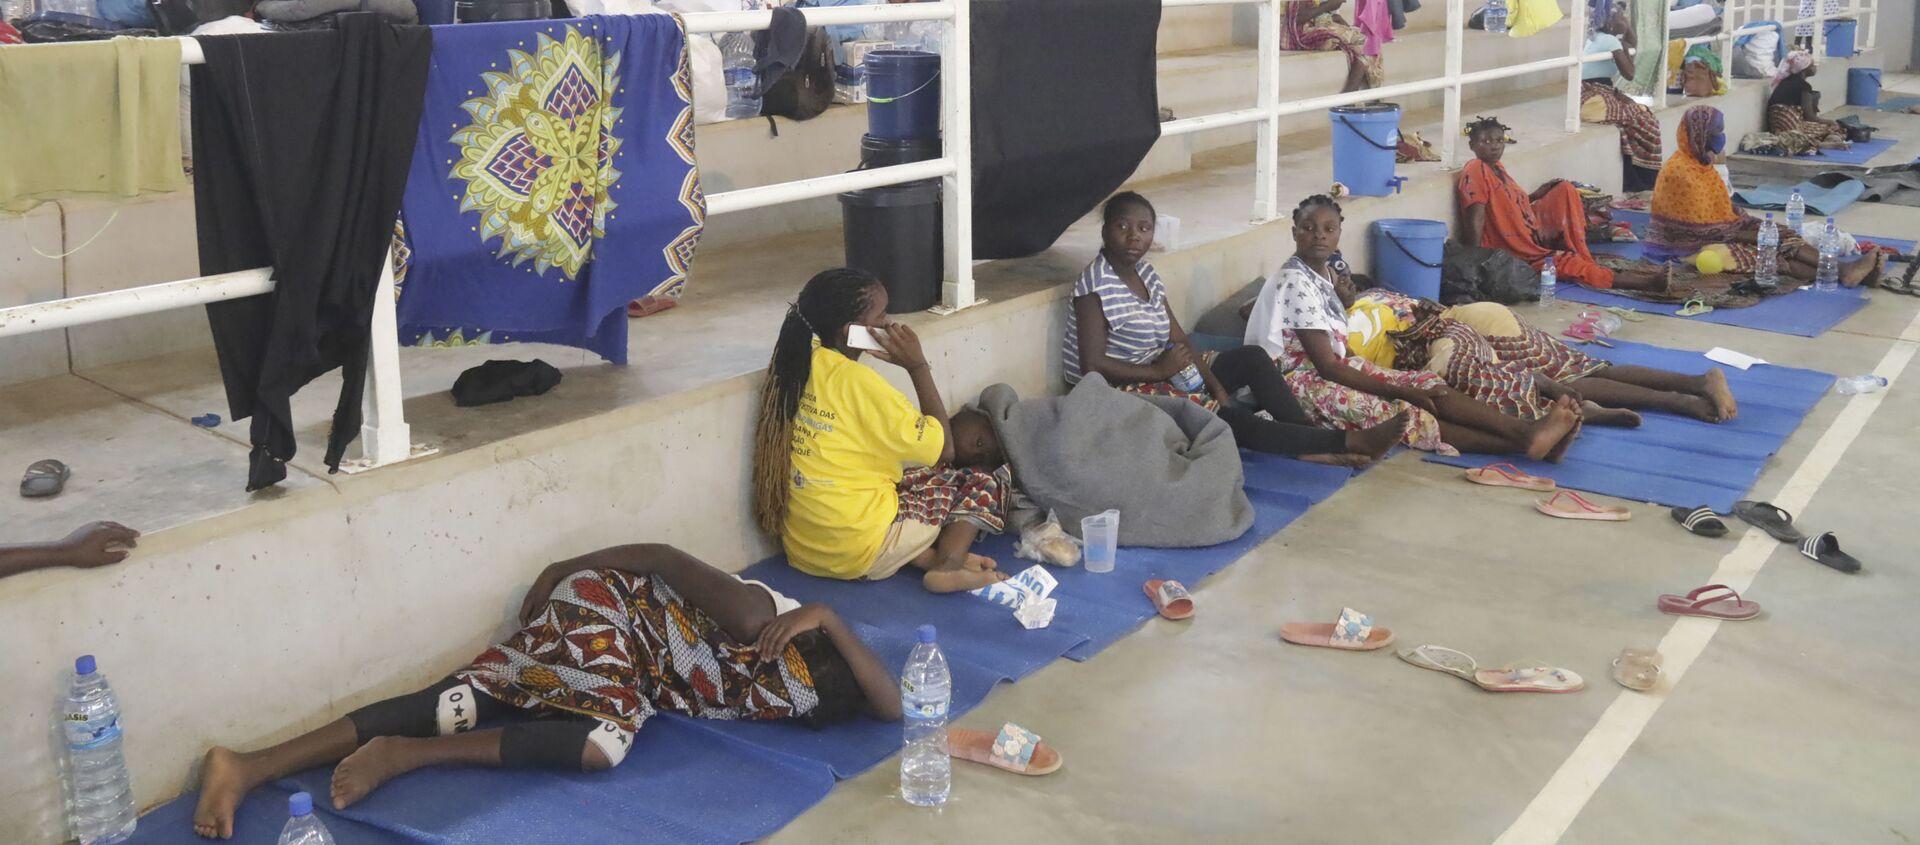 Des réfugiés trouvent abri dans un centre à Afungi, au Mozambique, après avoir fui les attaques à Palma dans le nord du pays, le 2 avril 2021 - Sputnik France, 1920, 09.04.2021